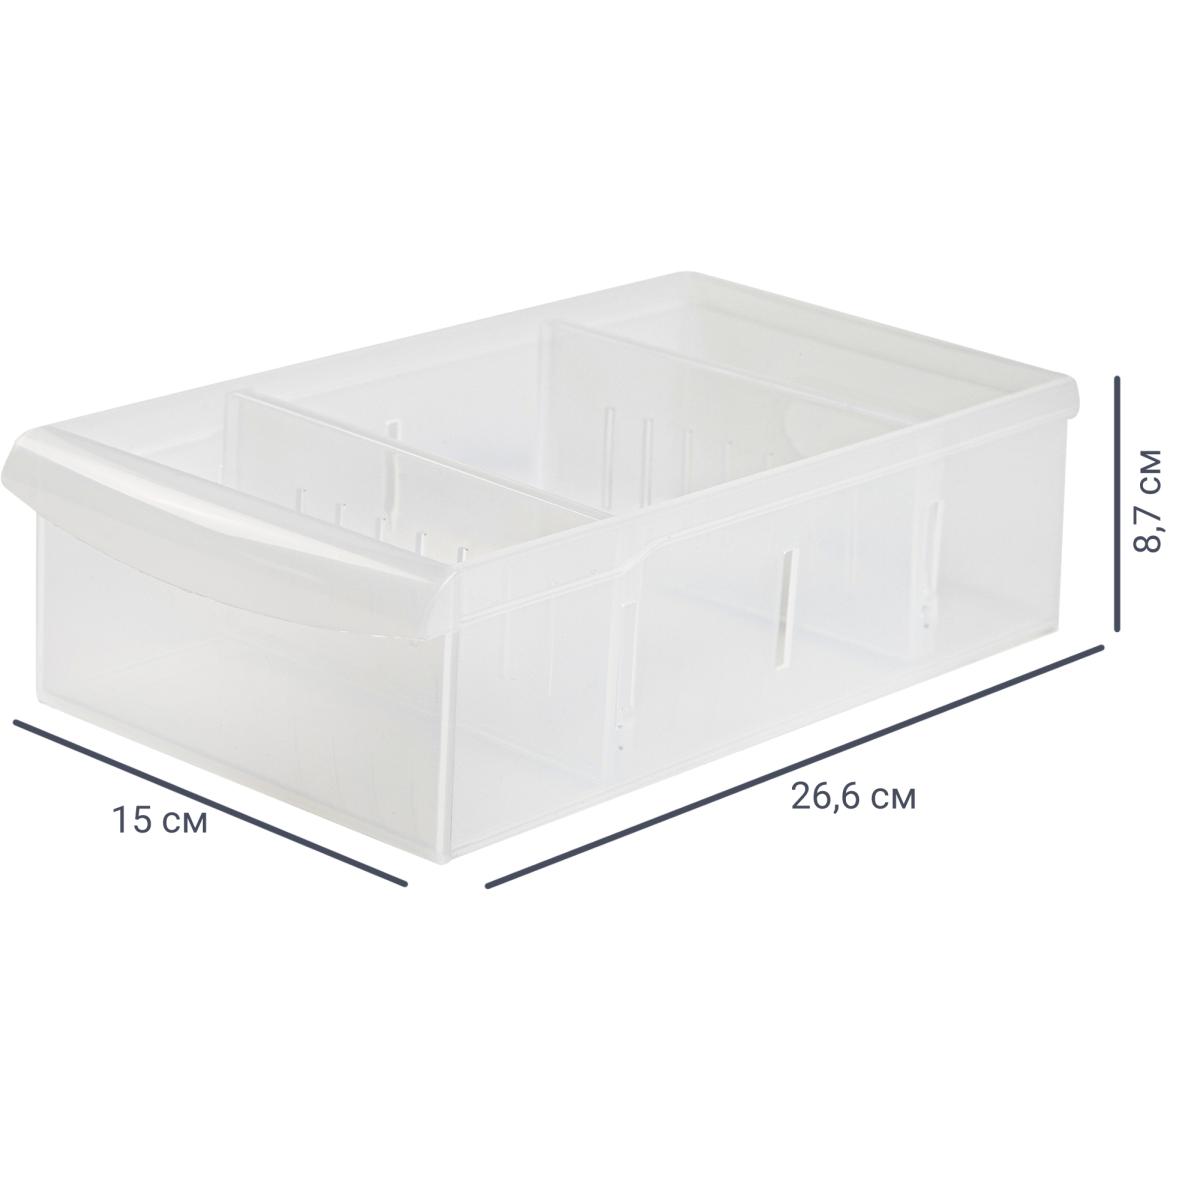 Контейнер Rolly 15x26.6x8.7 см 2.65 л пластик цвет прозрачный